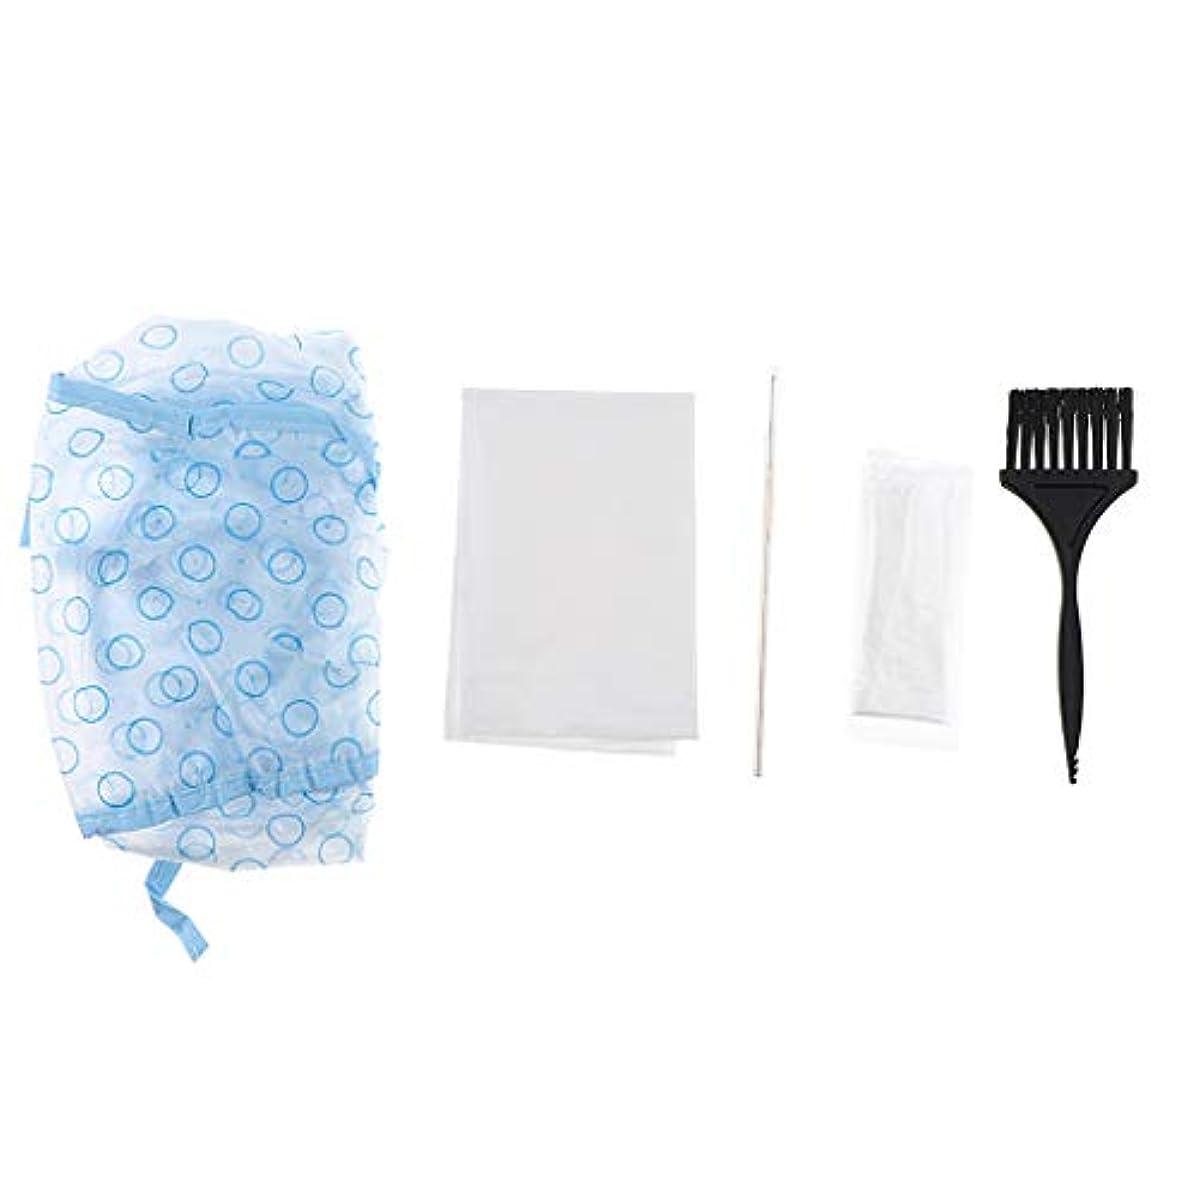 ゴミ箱を空にするコメンテーターマイクロプロセッサヘアダイキャップ ヘアダイブラシ キャップ 手袋 ケープ 毛染めツールセット 5個